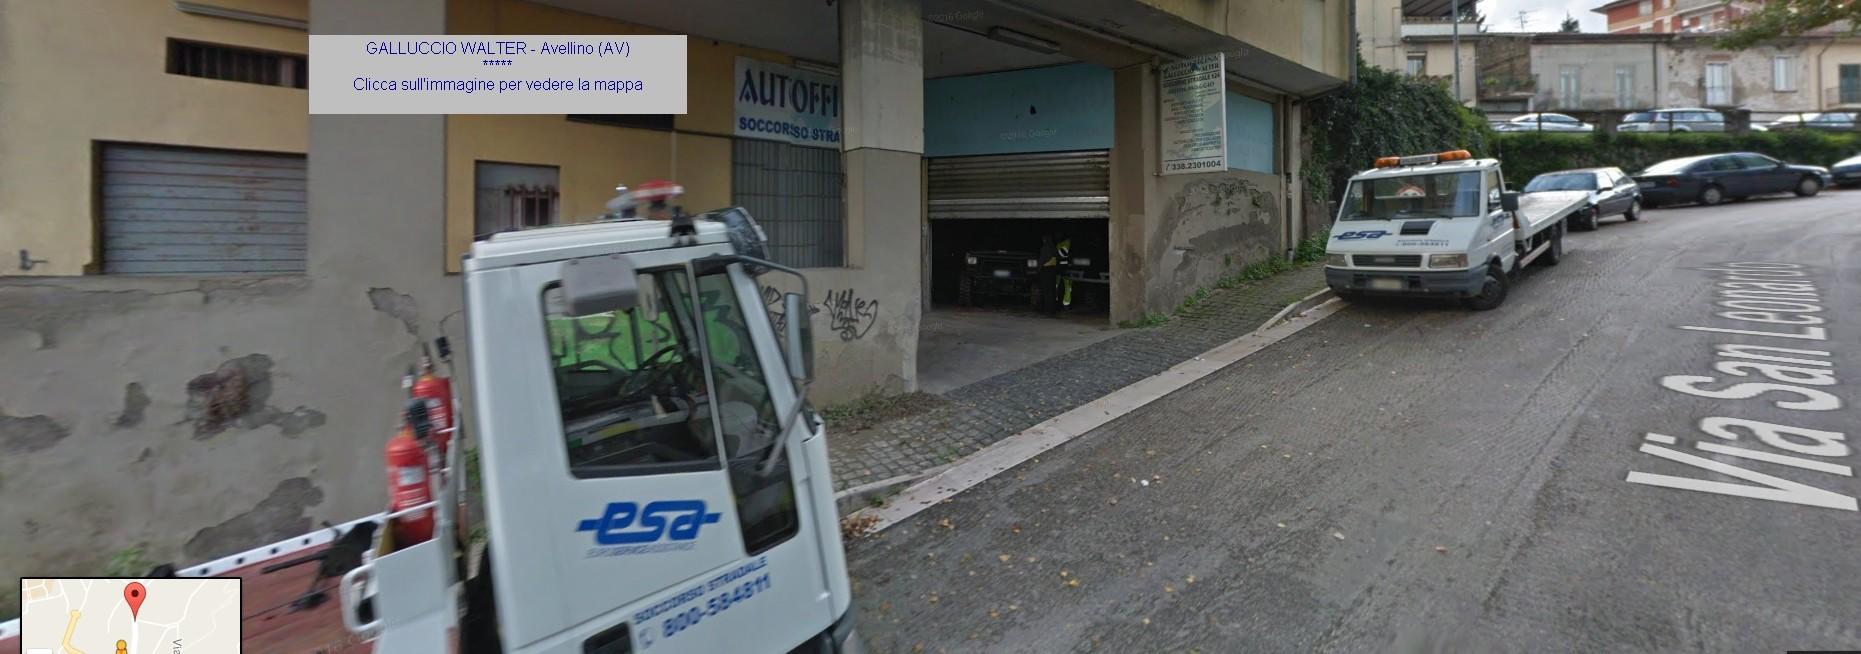 Galluccio Walter - Avellino (AV)